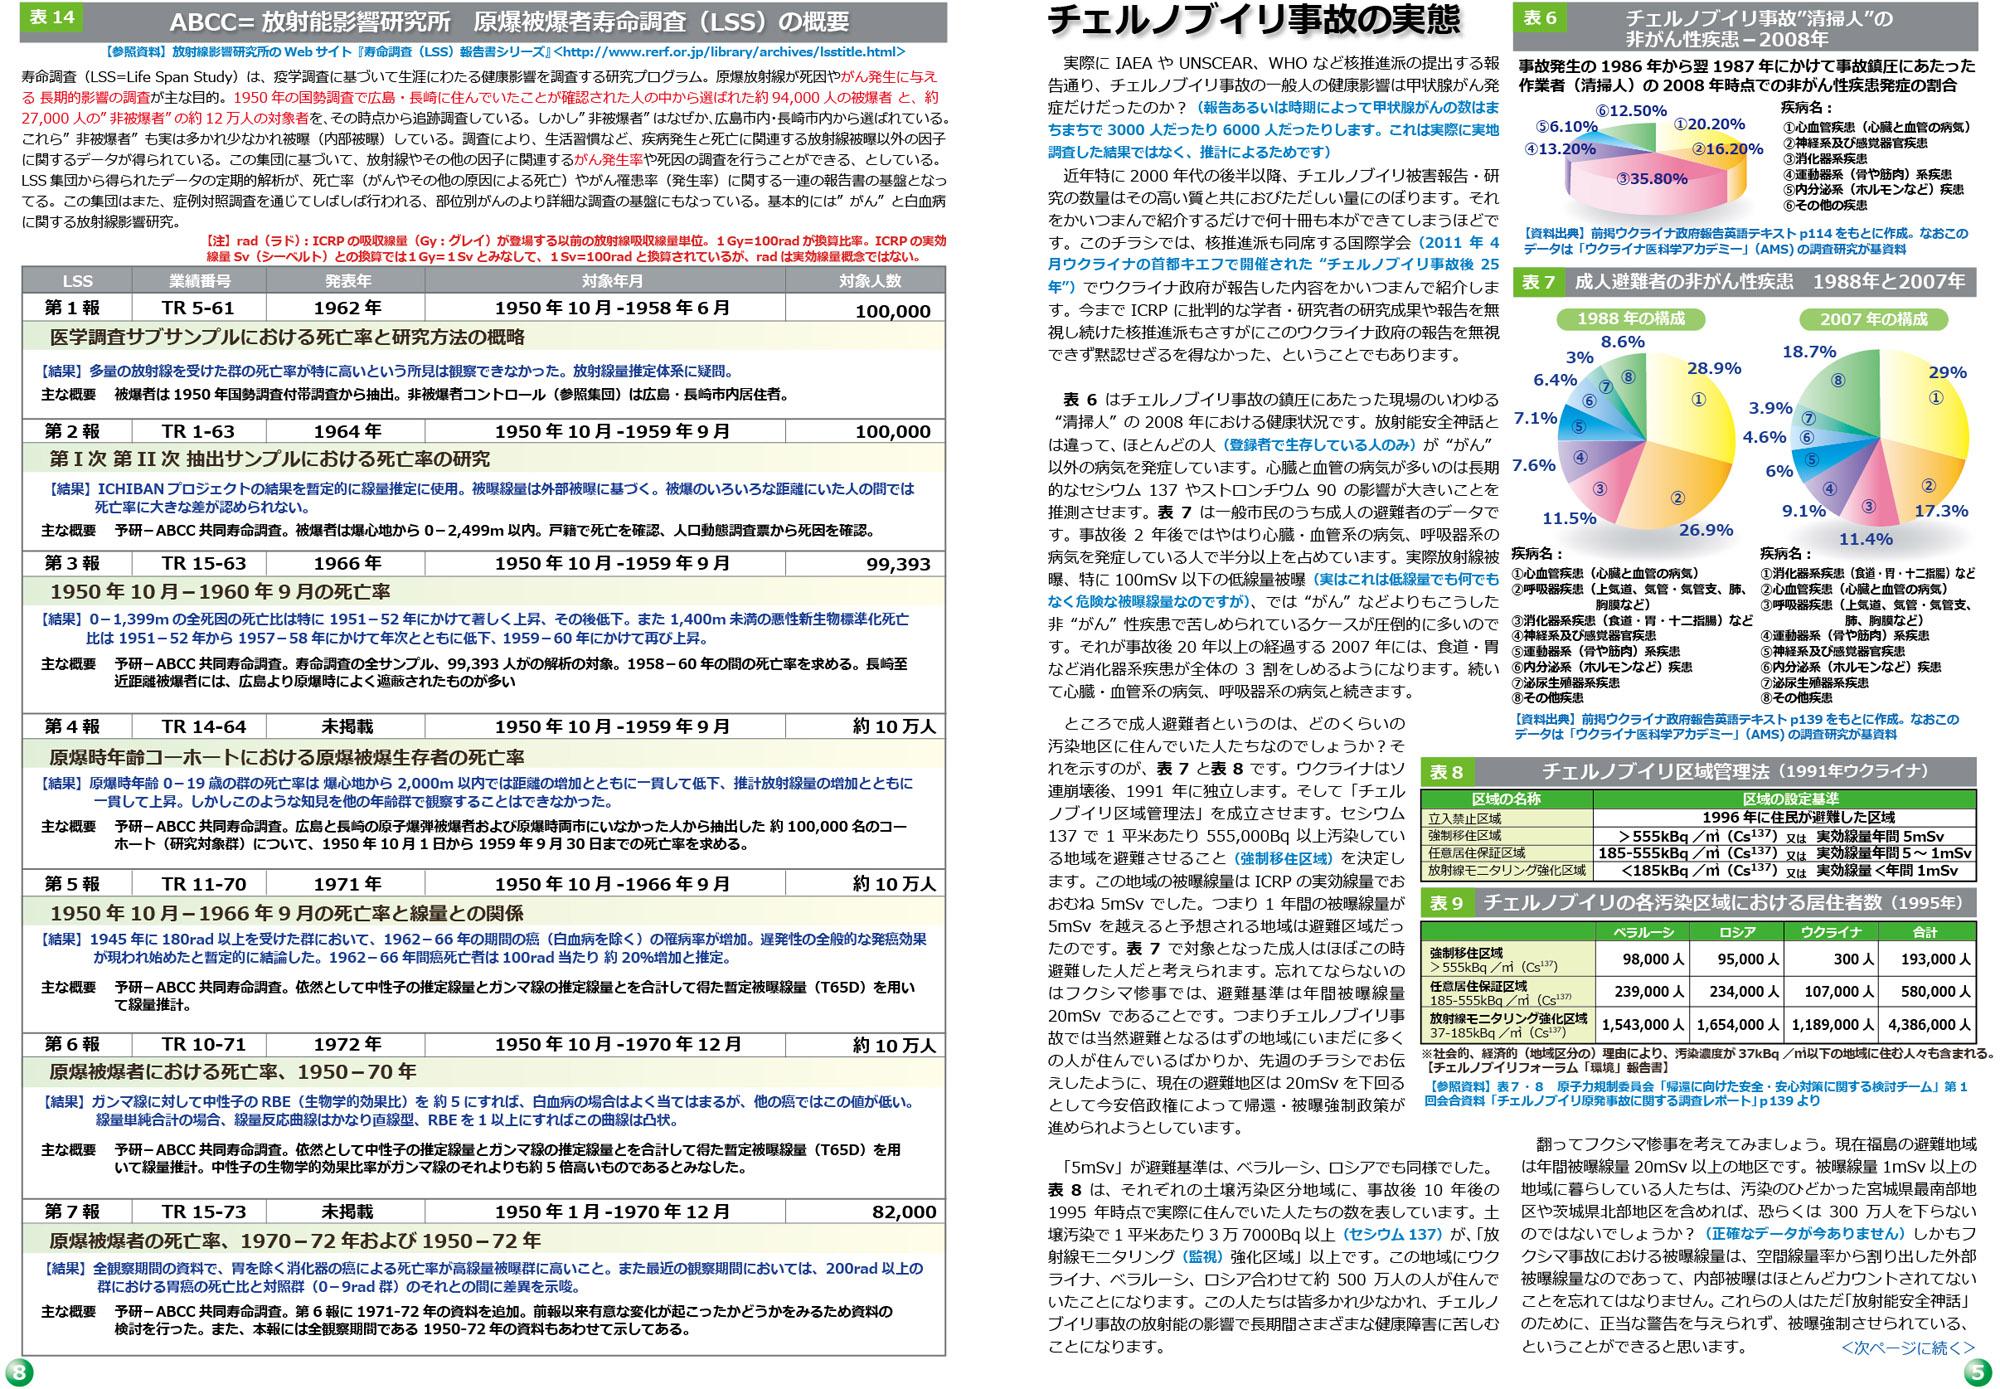 ファイル 272-5.jpg